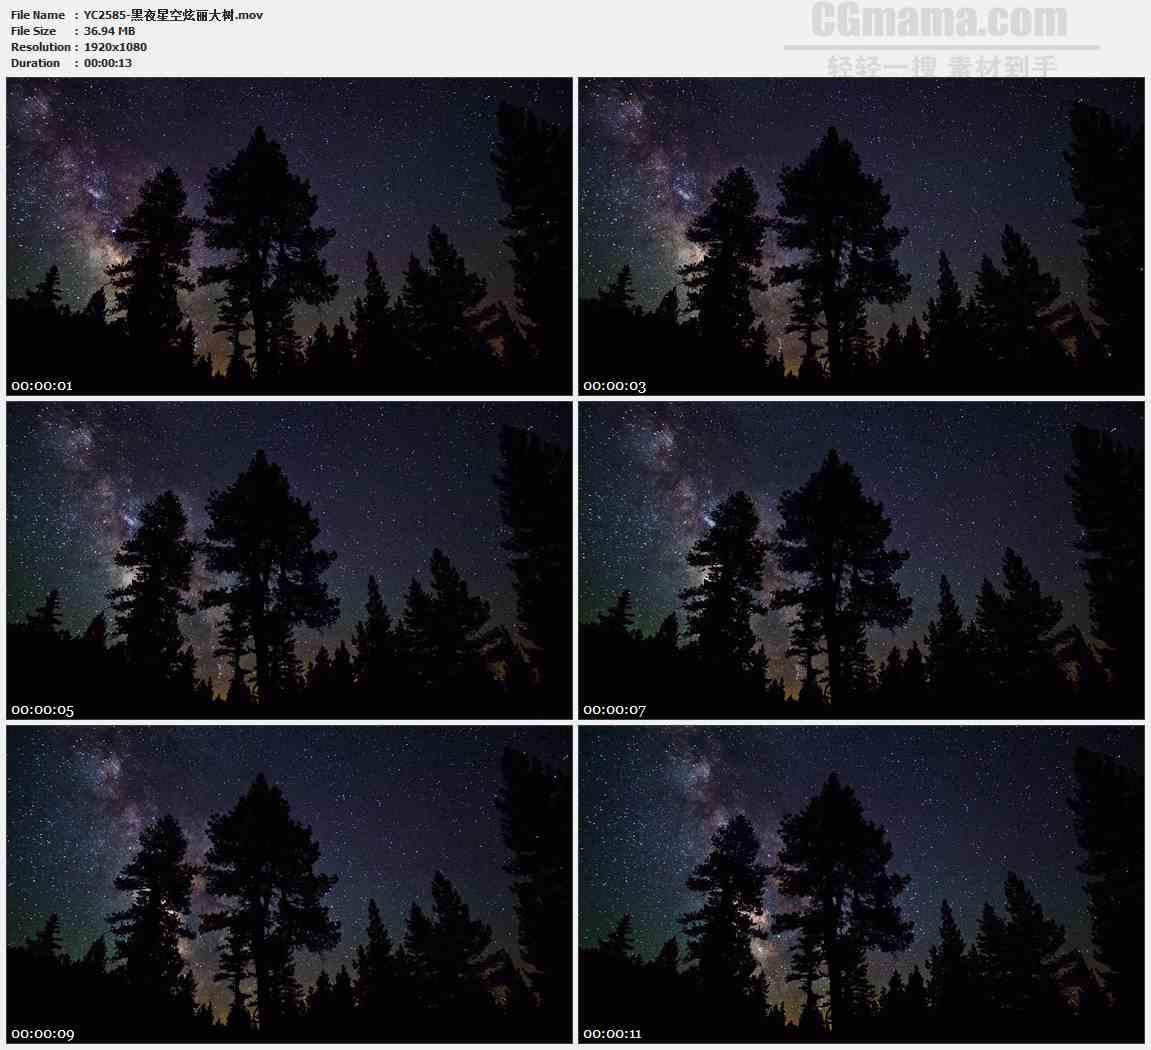 YC2585-黑夜星空炫丽大树高清实拍视频素材